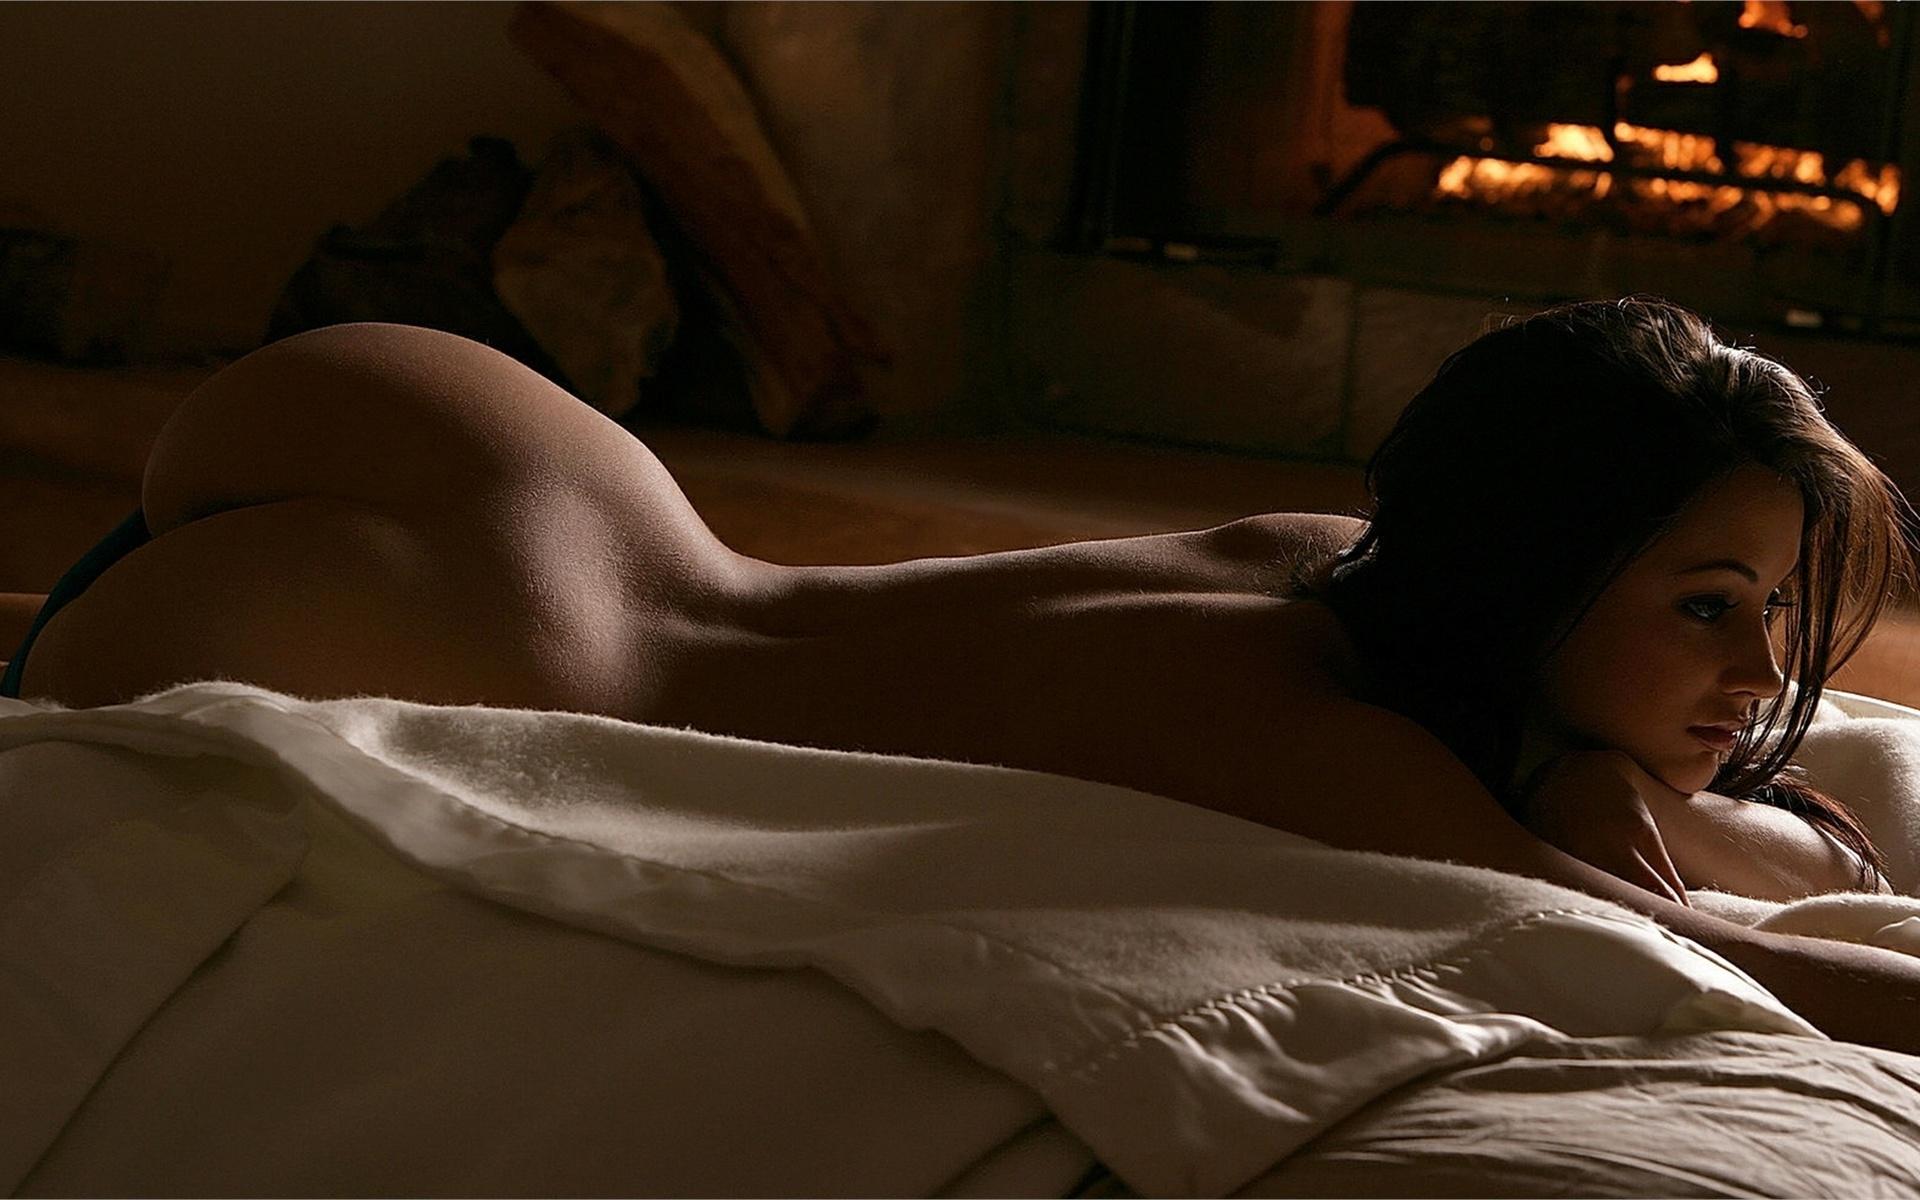 Эротические фото девушек на постели